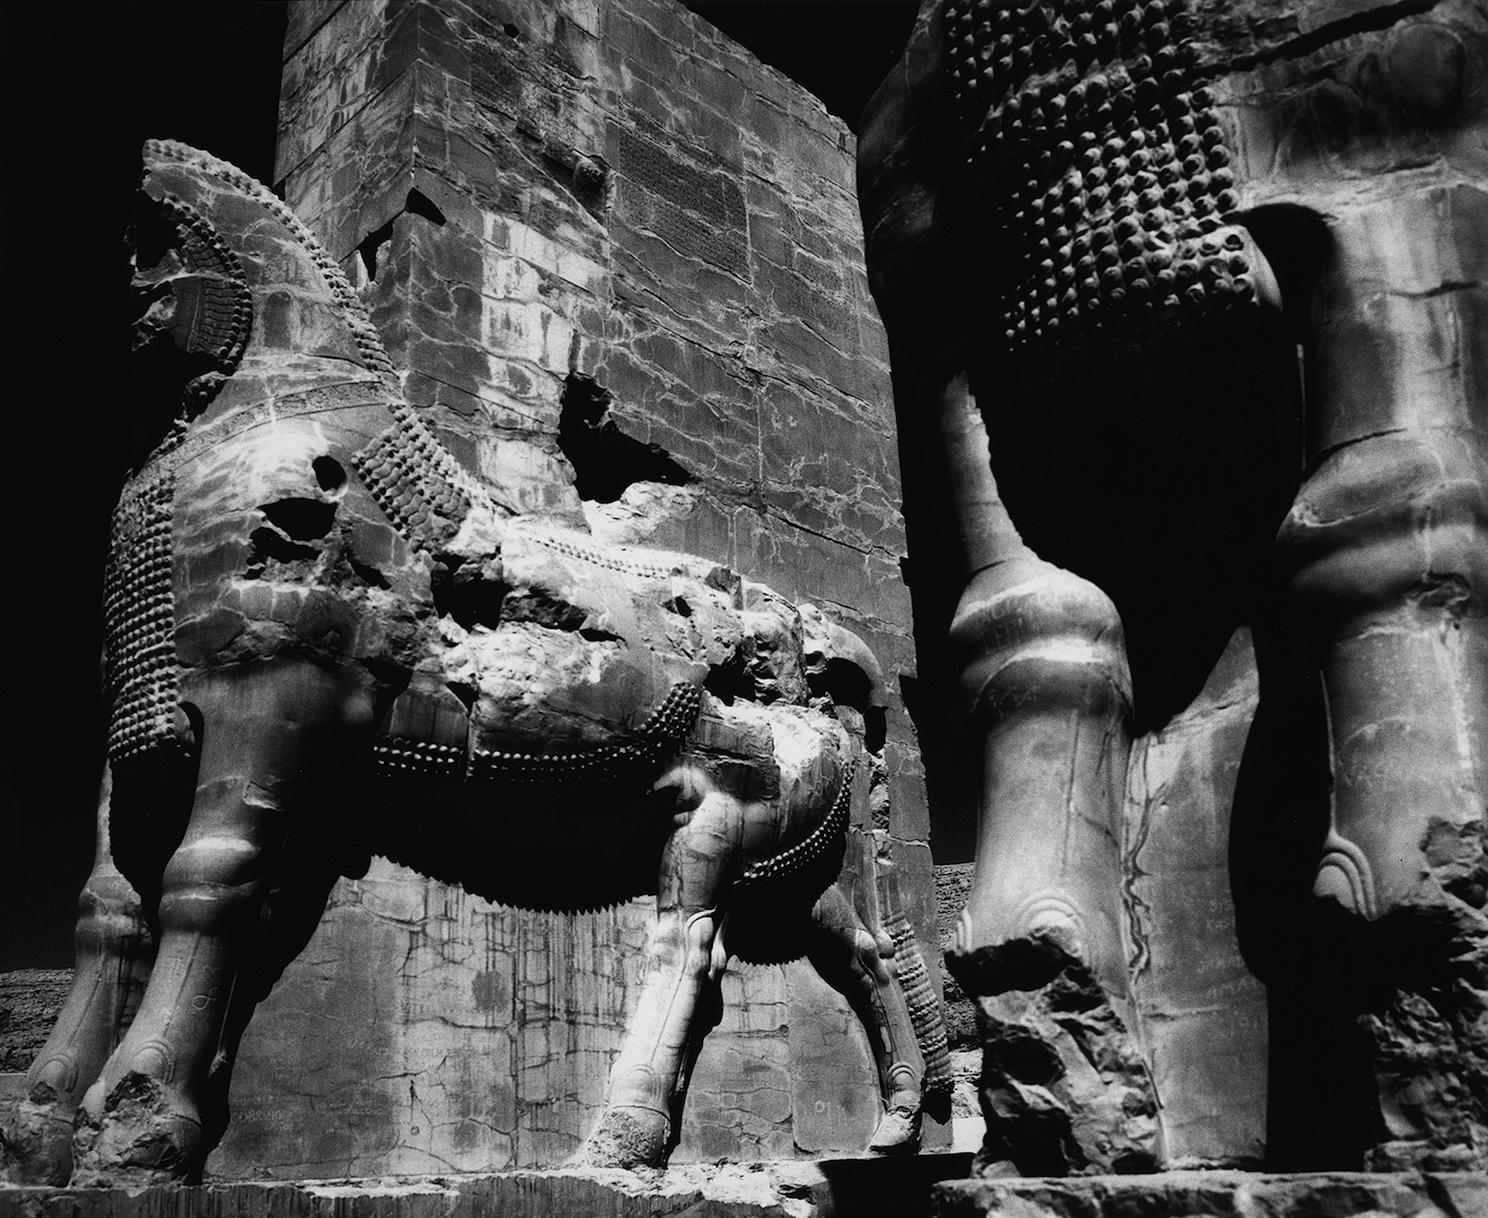 Stone Bulls, Persepolis